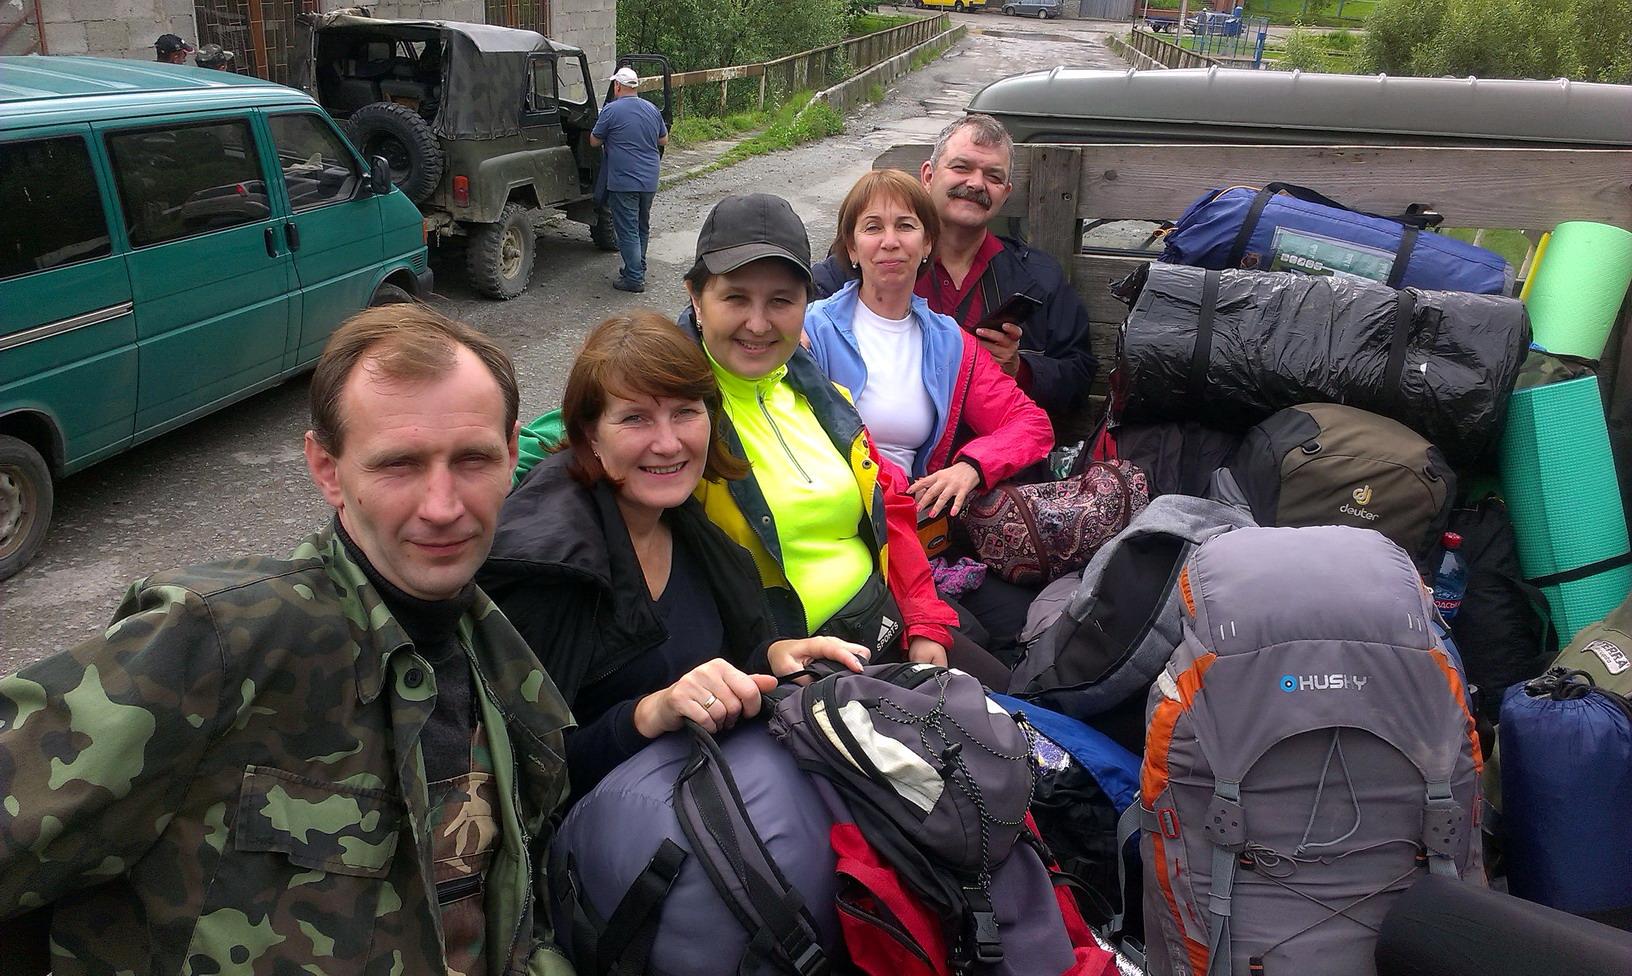 Початок походу, село Ділове, центр Європи